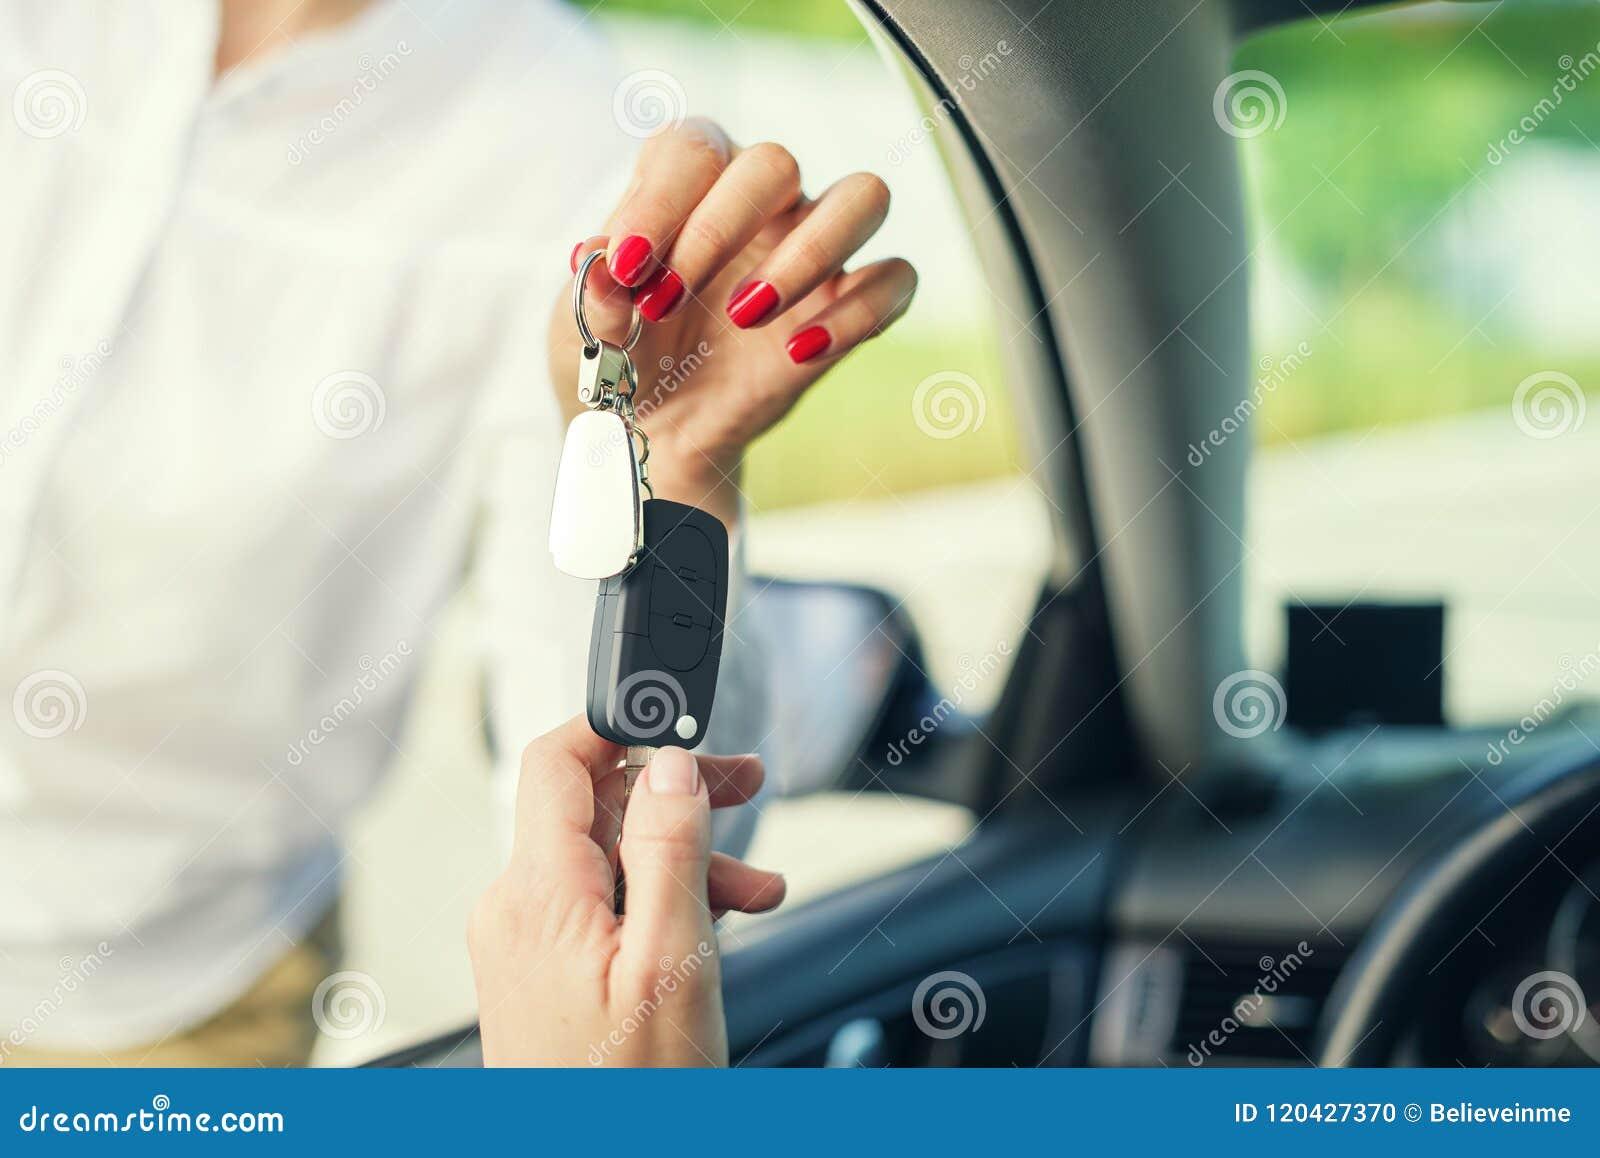 Een aantrekkelijke vrouw in een auto krijgt de autosleutels Huur of aankoop van auto